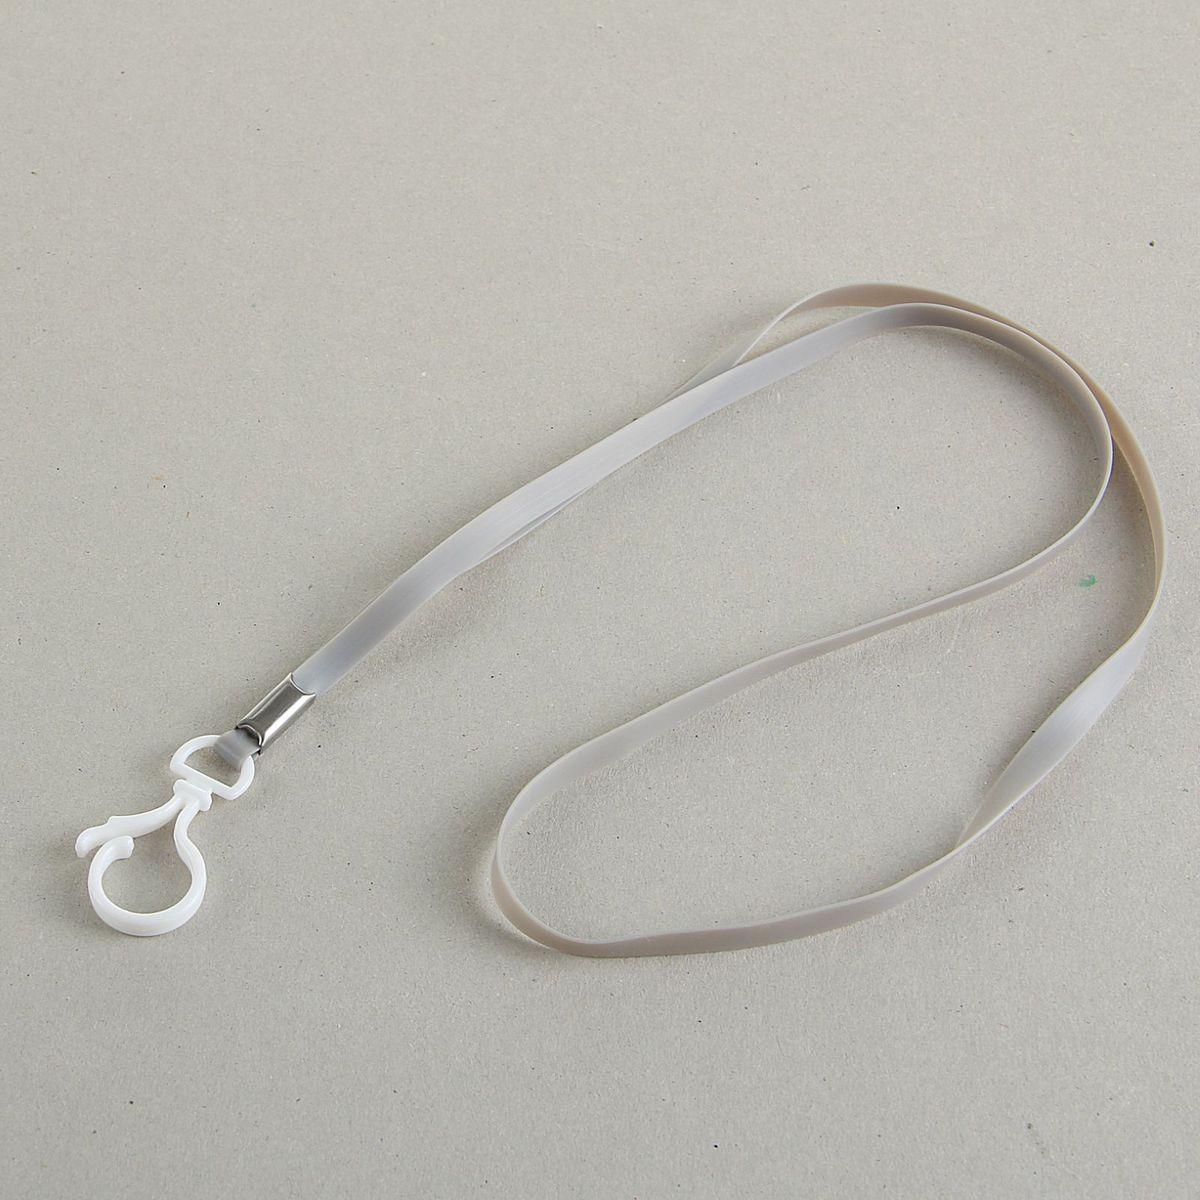 Лента для бейджа длина 38 см ширина 5 мм цвет серый 1965015